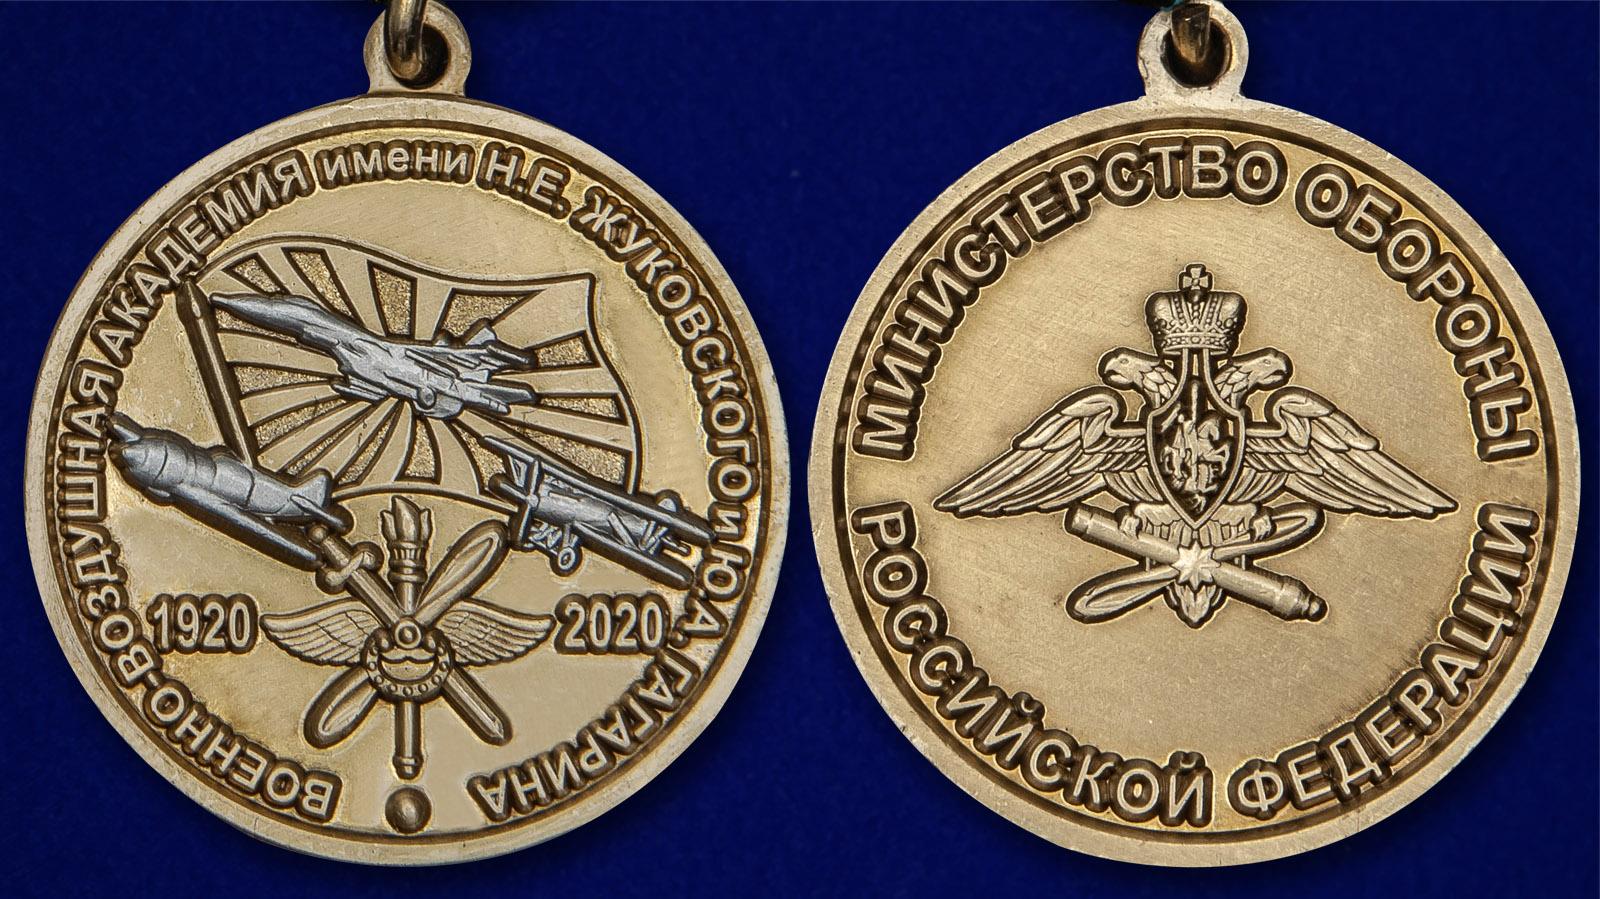 Латунная медаль 100 лет Военно-воздушной академии им. Н.Е. Жуковского и Ю.А. Гагарина - аверс и реверс